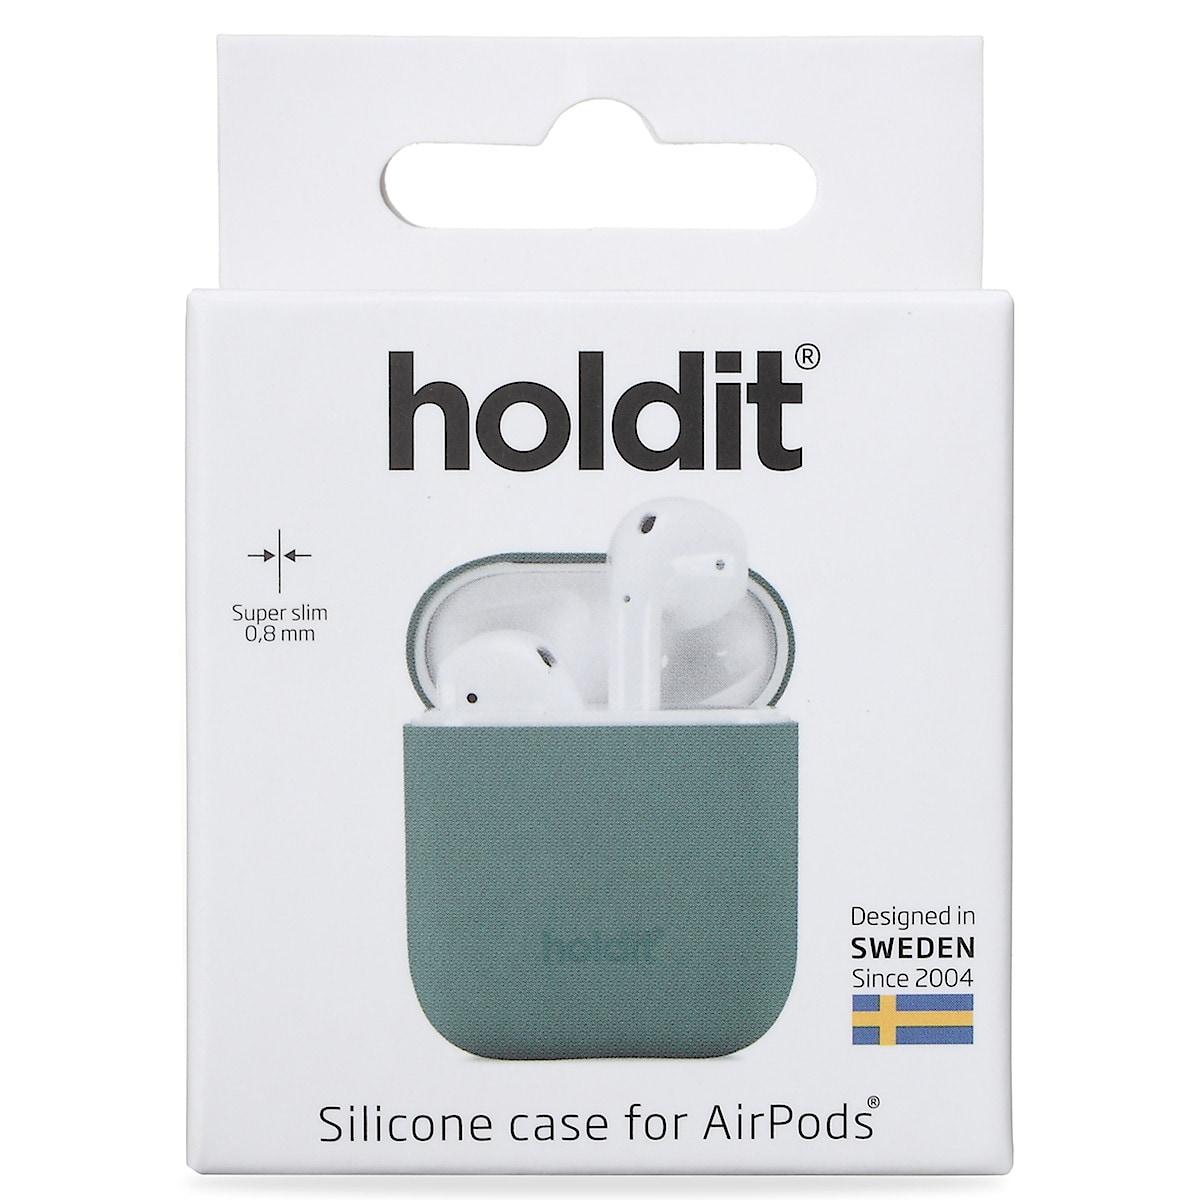 Holdit Nygård silikonfodral för AirPods